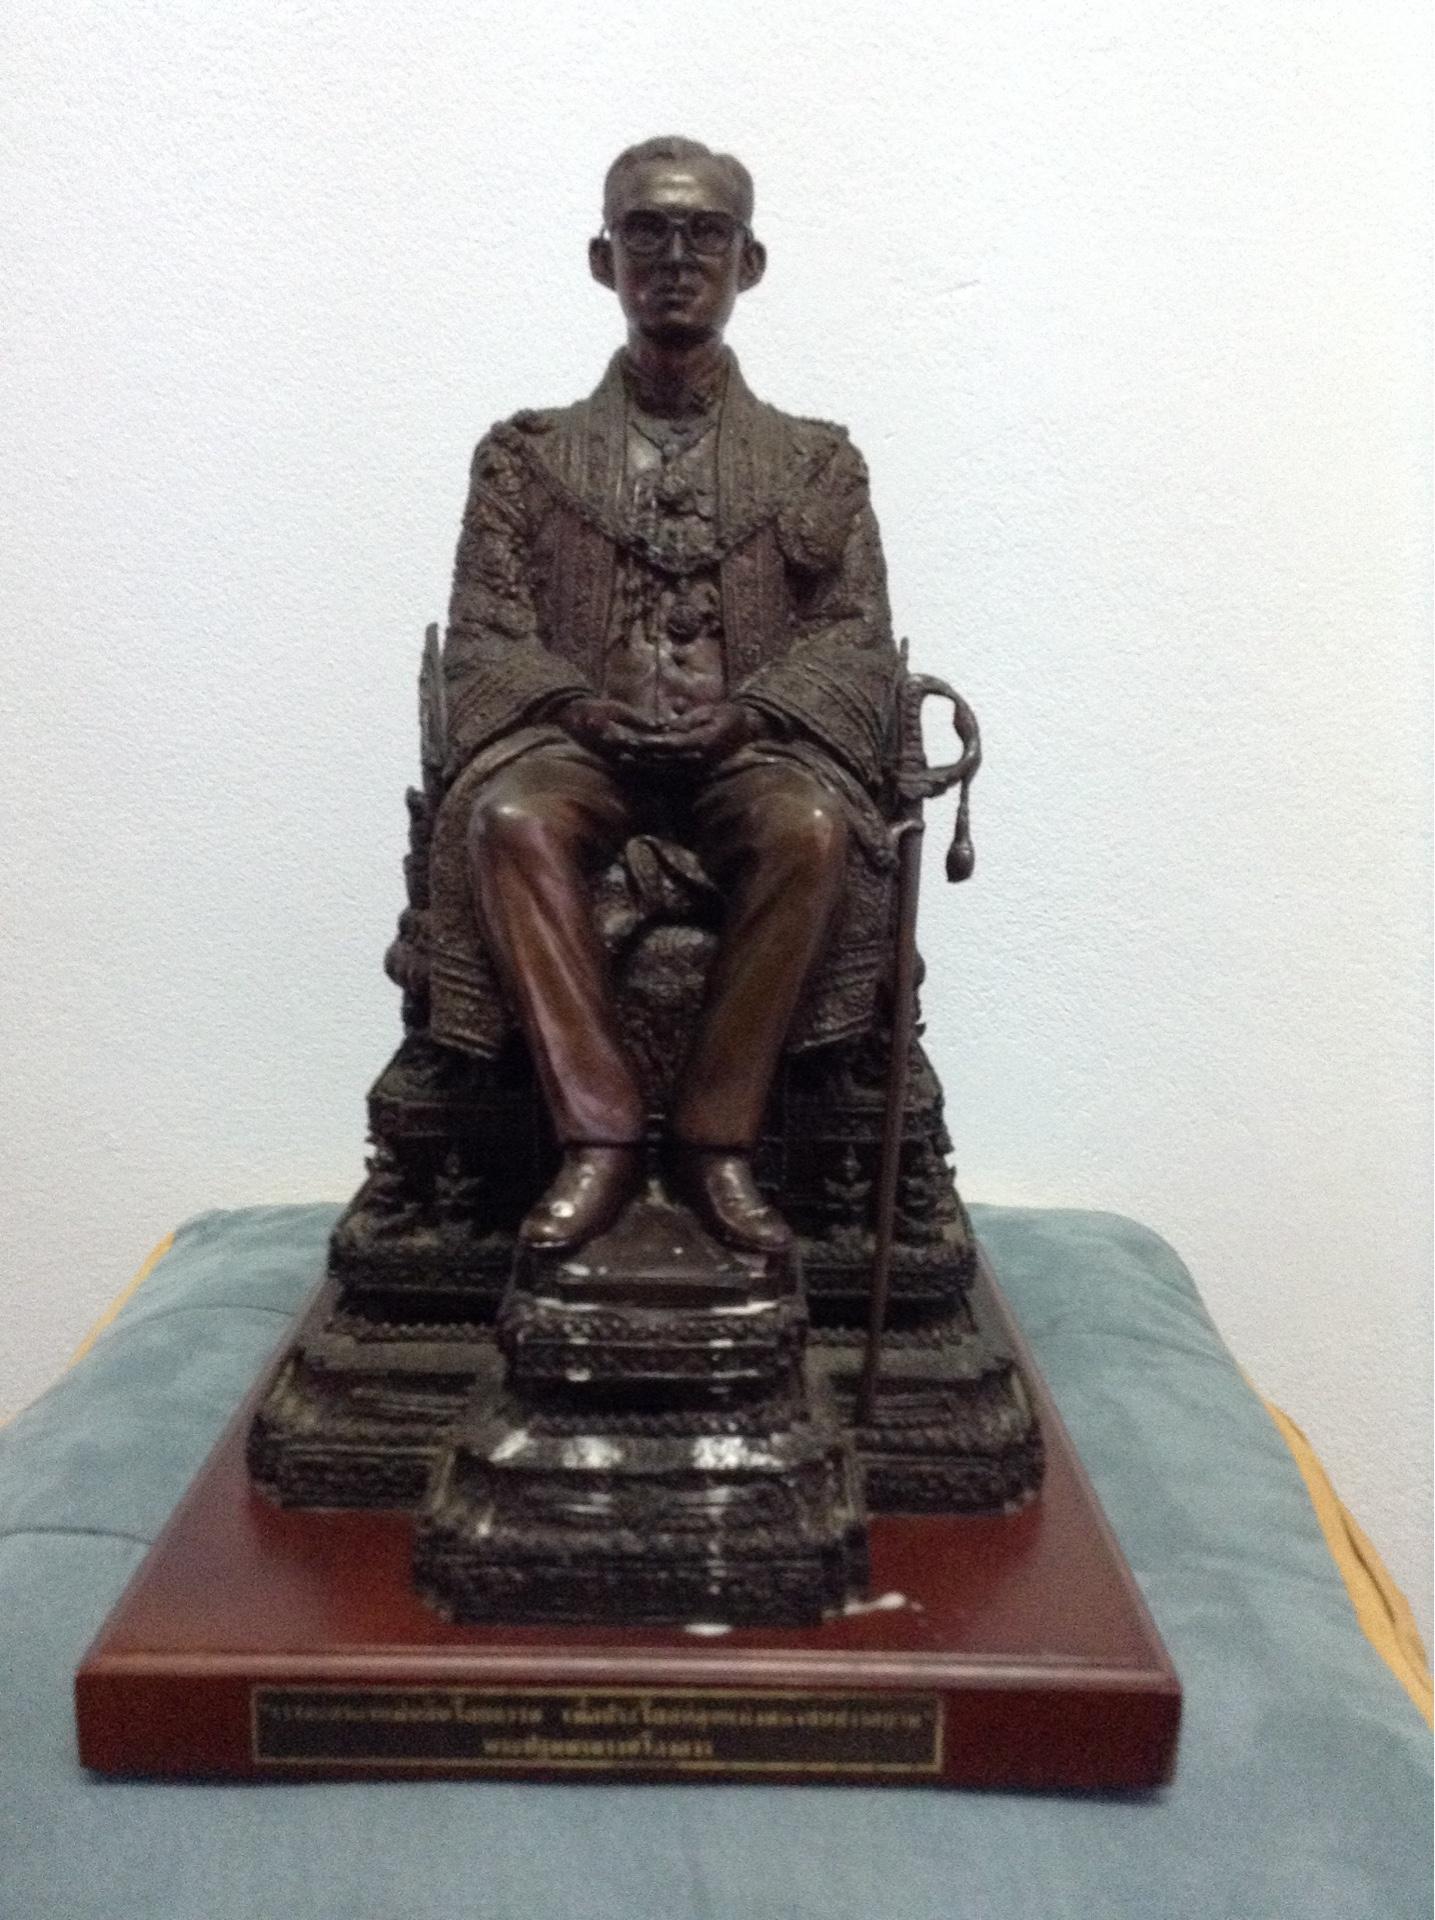 ในหลวง นั่งบัลลังก์ สร้างโดย กระทรวงมหาดไทย รหัส 990